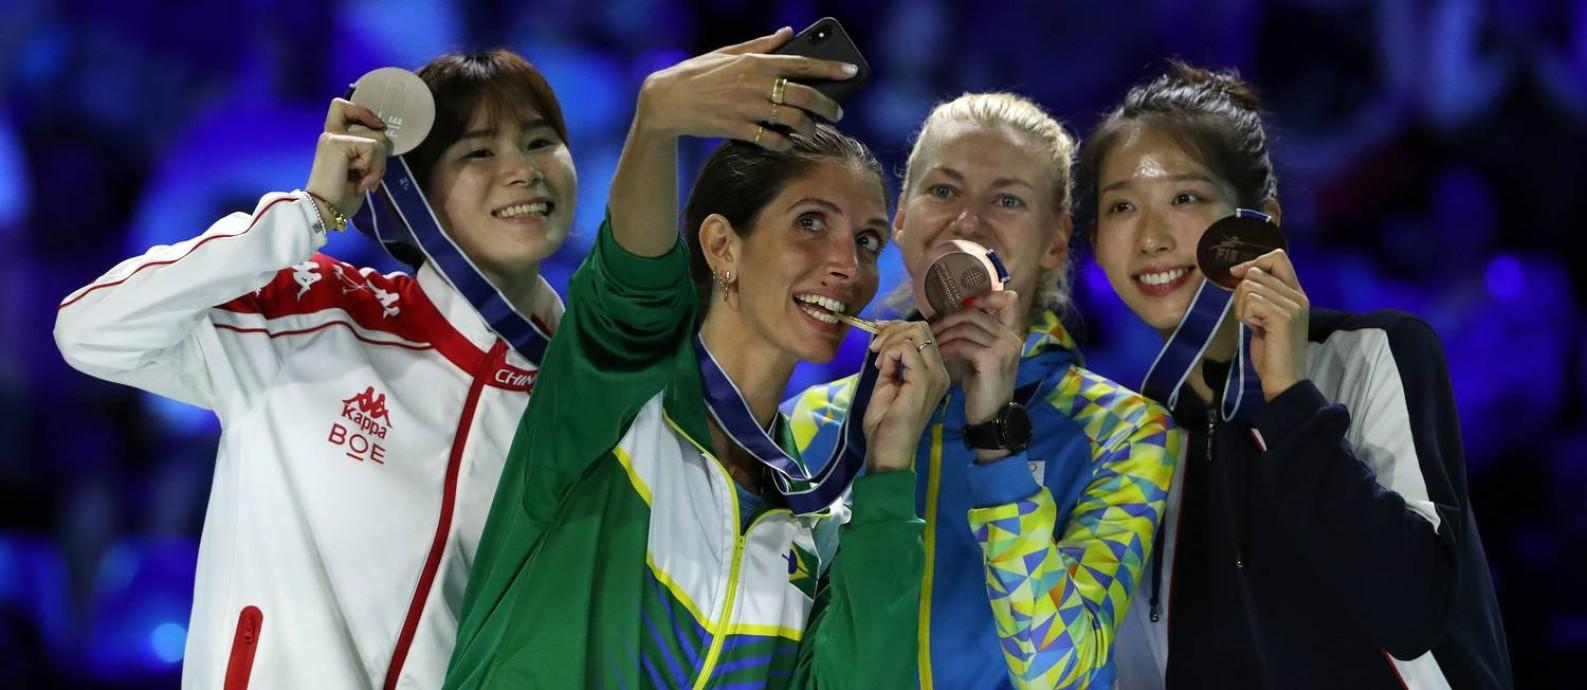 Medalhistas na espada feminina tiram foto no mundial de 2019